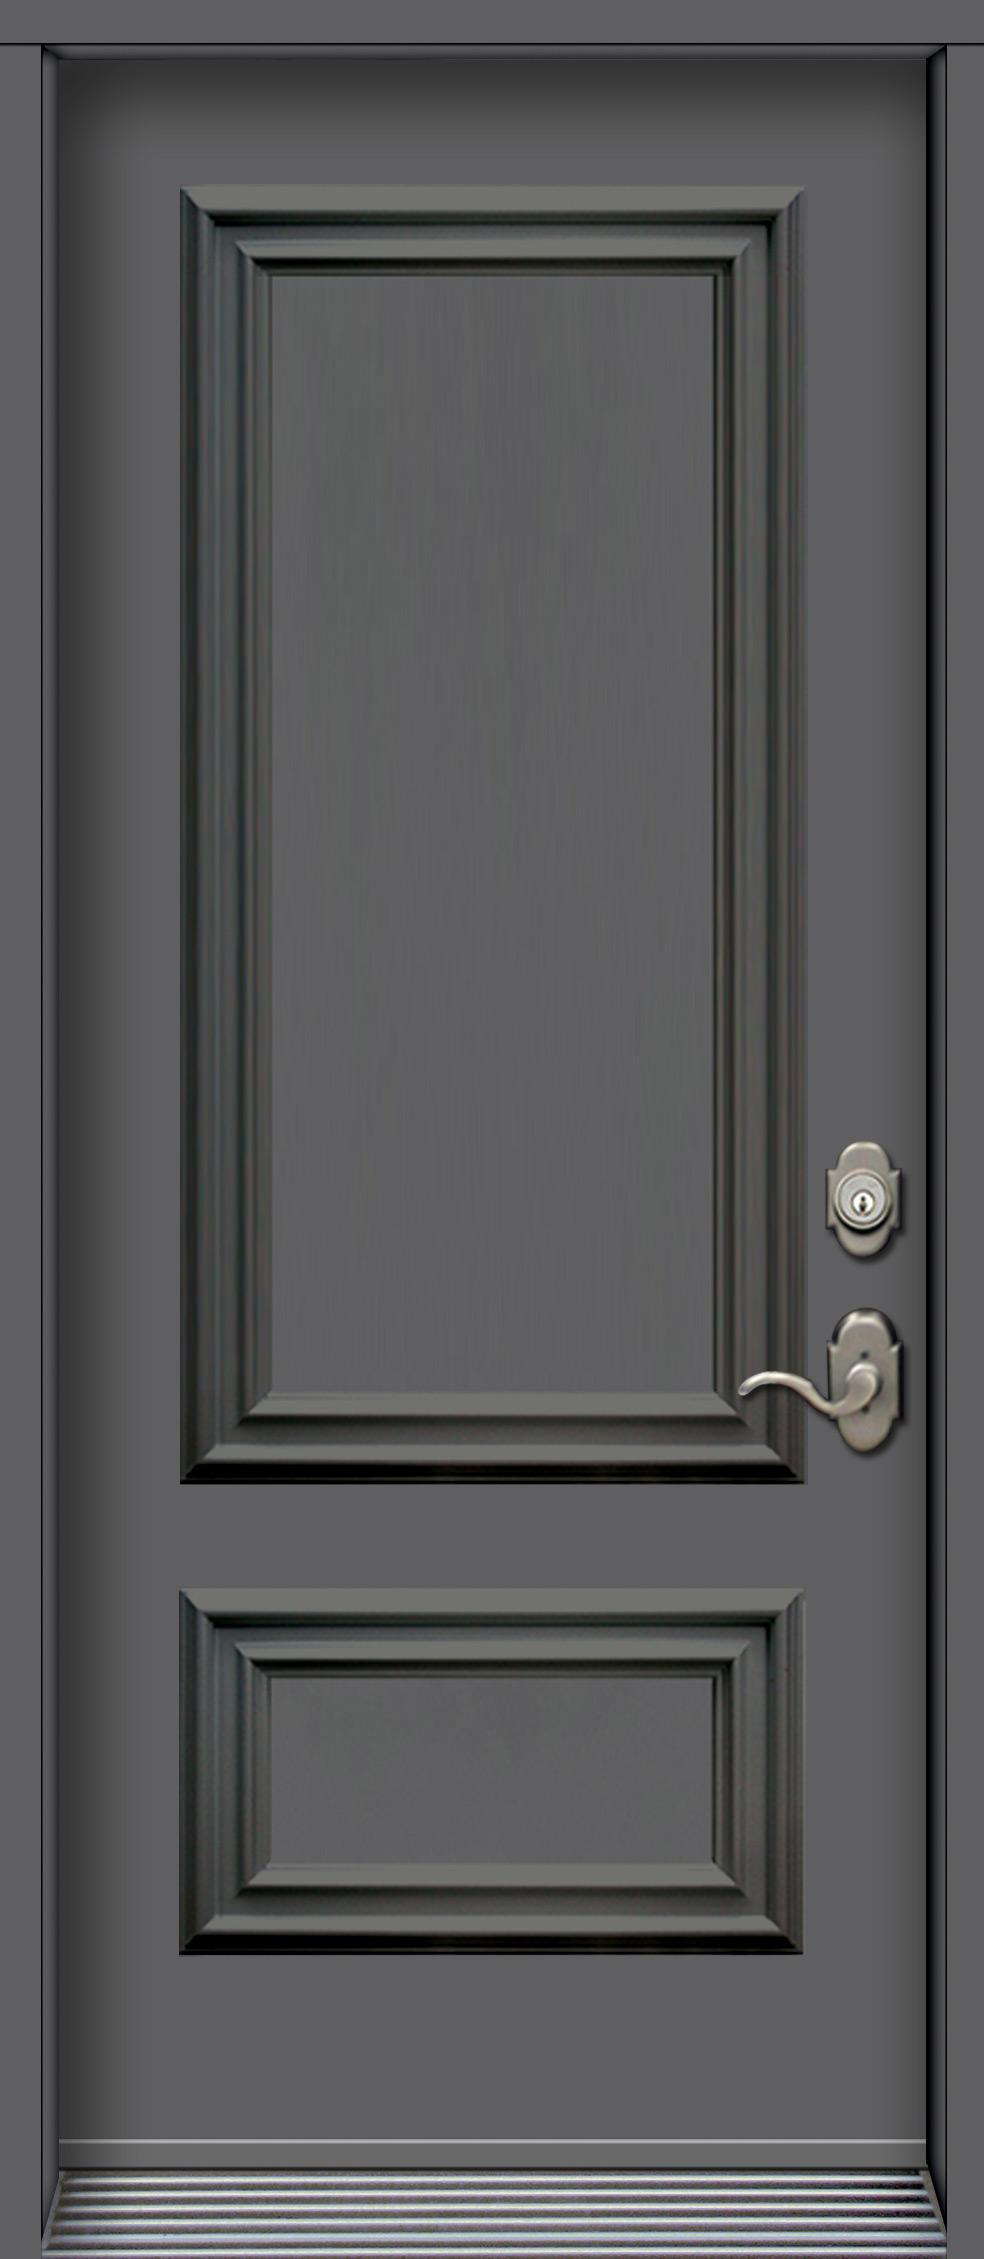 Nb4813 porte pann deco charbon portatec for Deco porte a coller